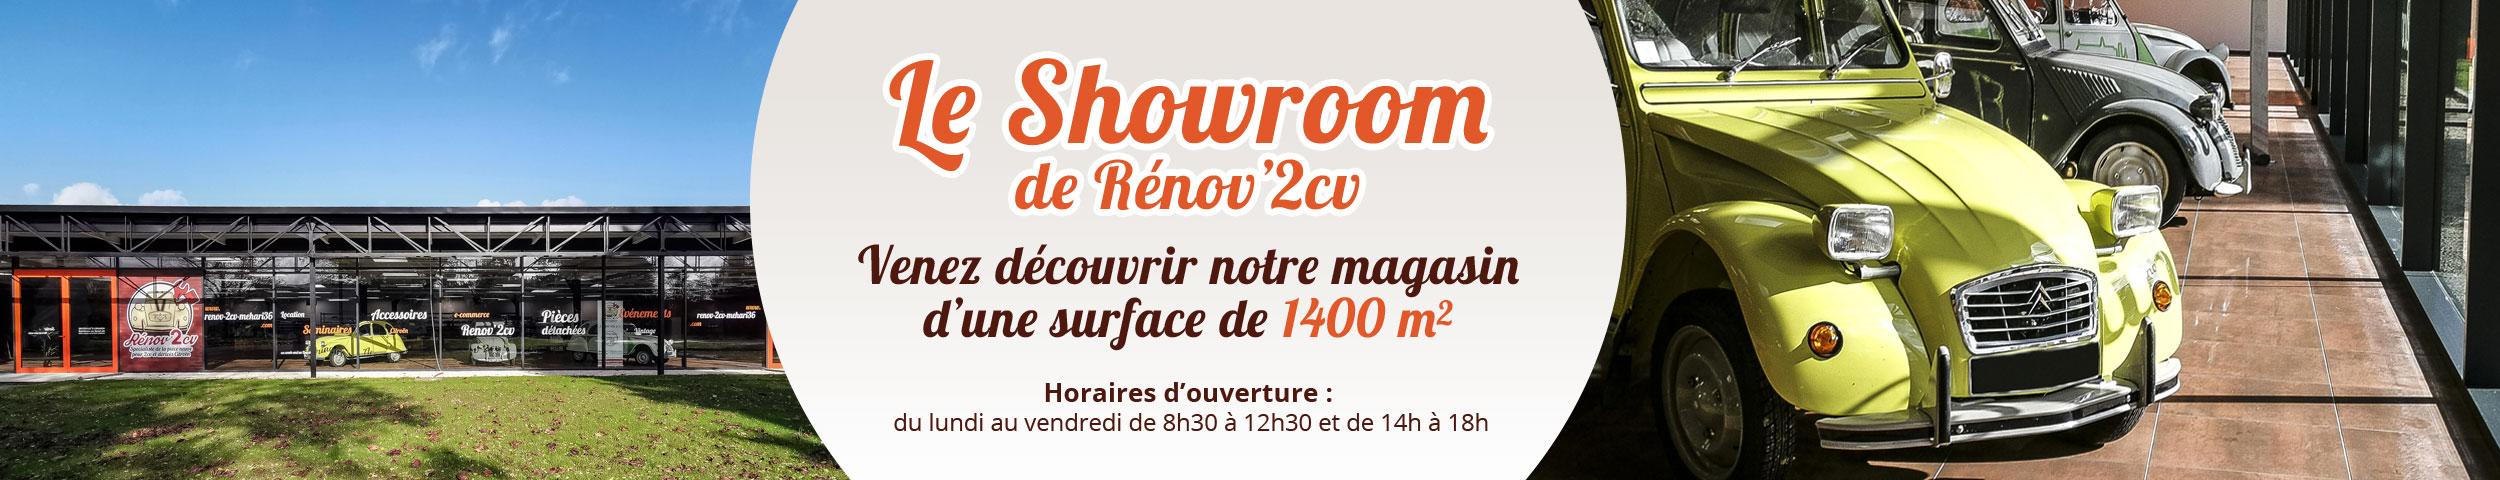 Vente pièces détachées de 2cv : Le showroom Renov'2CV